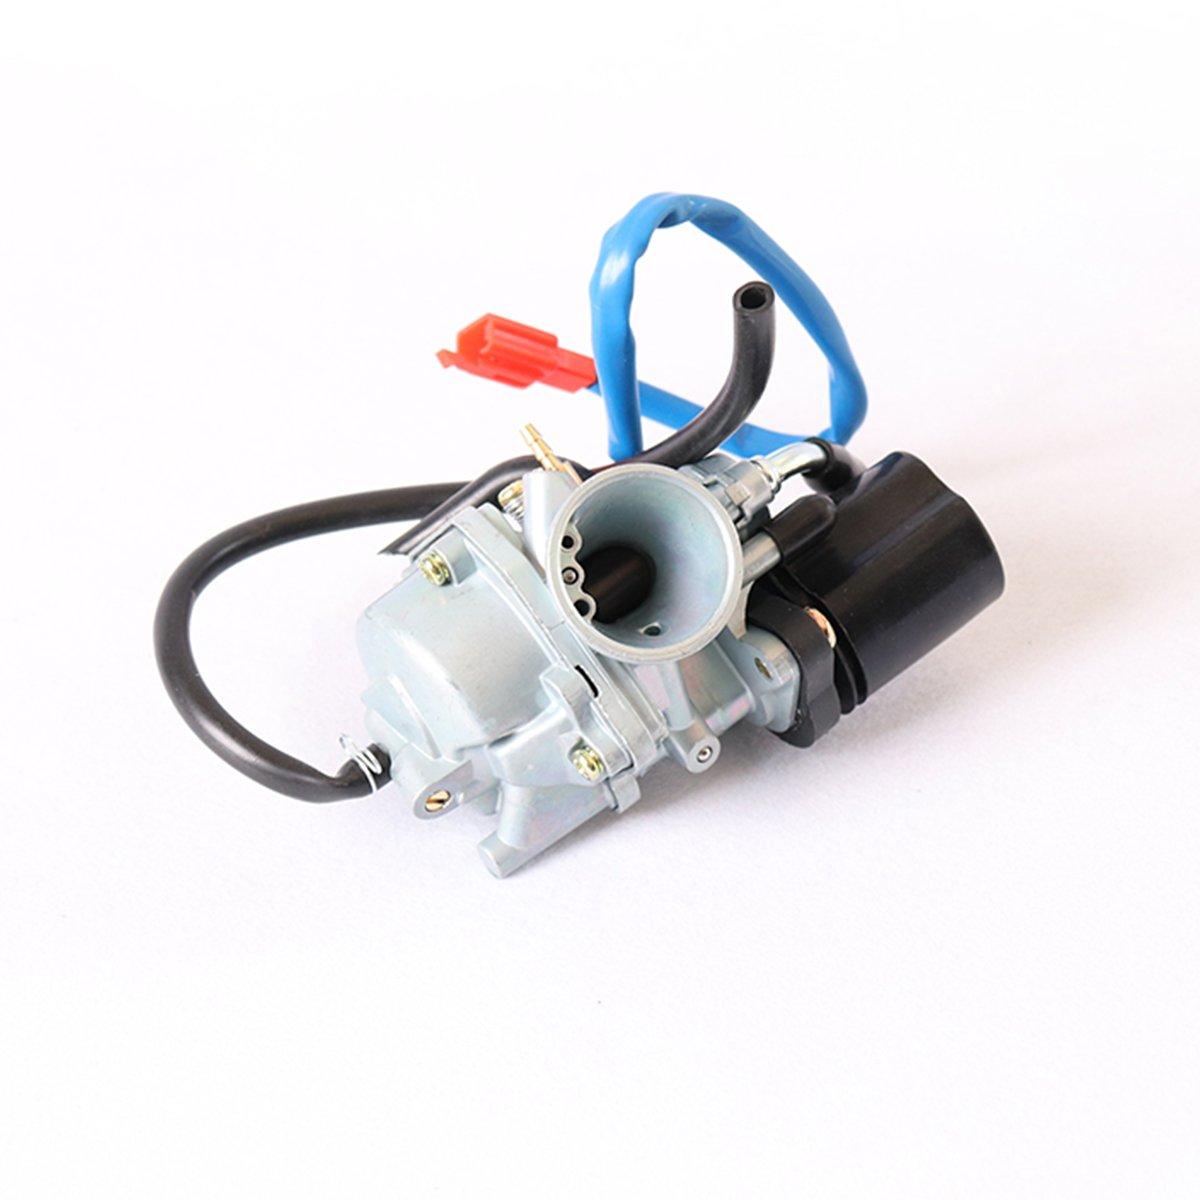 RMAN Carburateur de tuning 17, 5 mm avec E-Choke pour Yamaha AEROX AXIS JOG MBK NITRO OVETTO